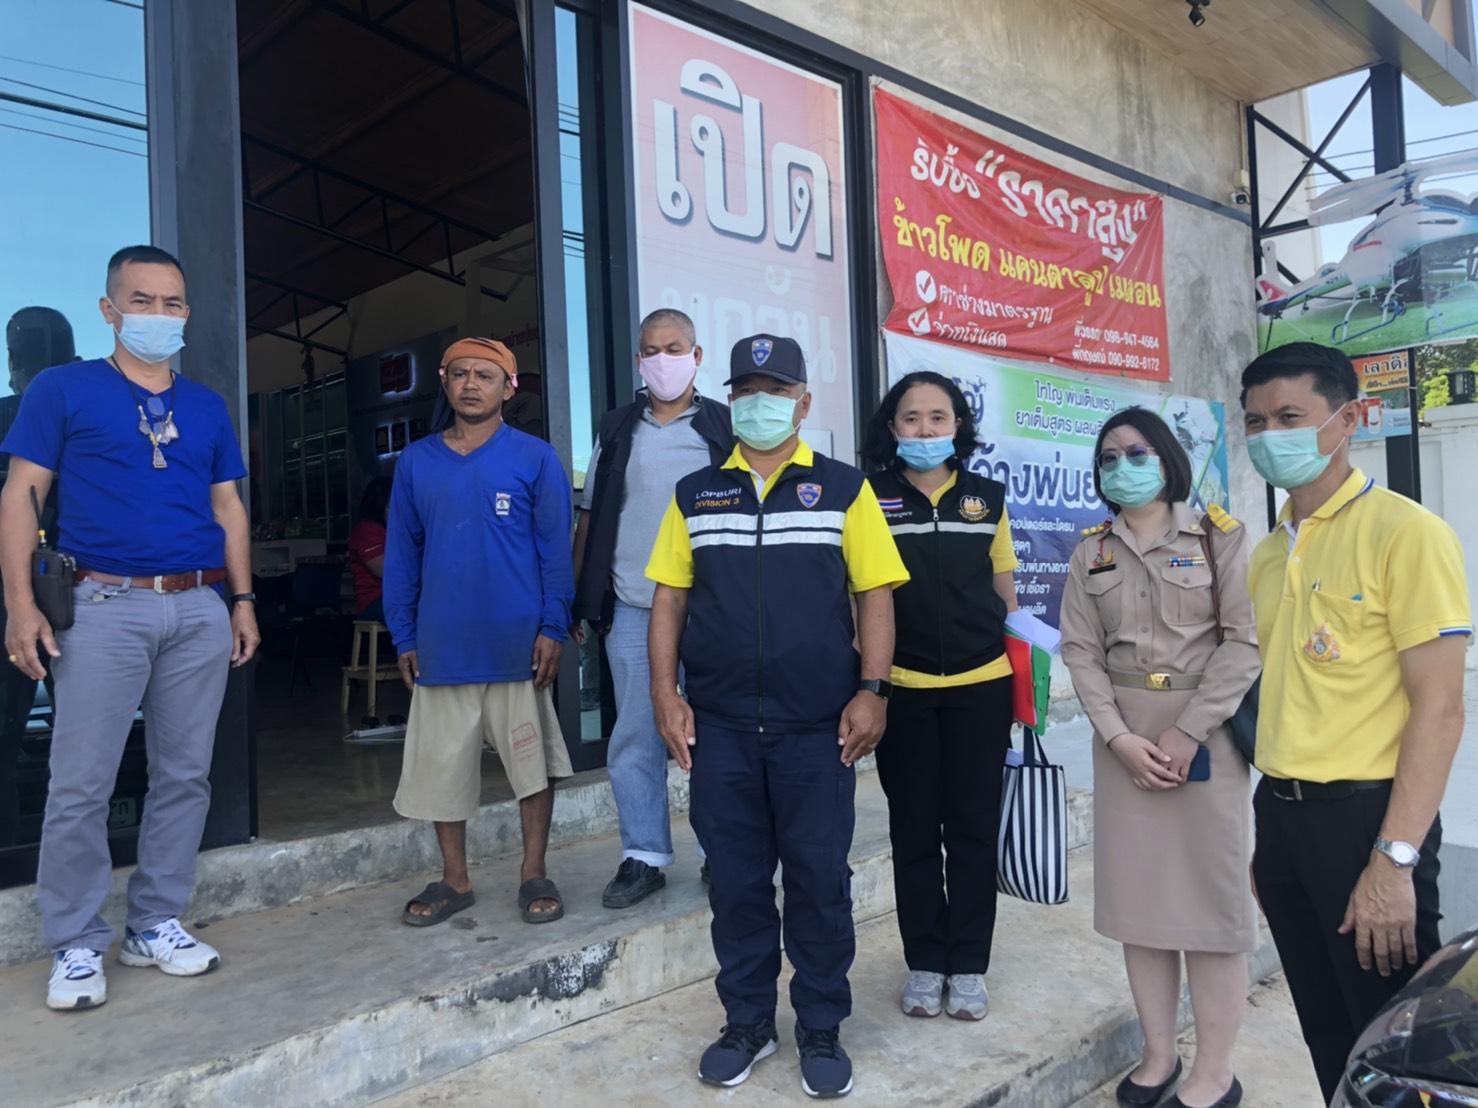 จังหวัดลพบุรี บูรณาการตรวจสอบนายจ้าง/สถานประกอบการ ที่จ้างแรงงาน ต่างด้าวสัญชาติเมียนมา เพื่อให้ปฏิบัติให้ถูกต้องตามกฎหมายและเป็นการป้องกันการแพร่ระบาดของโรคติดเชื้อไวรัสโคโรนา 2019 (โควิด-19)